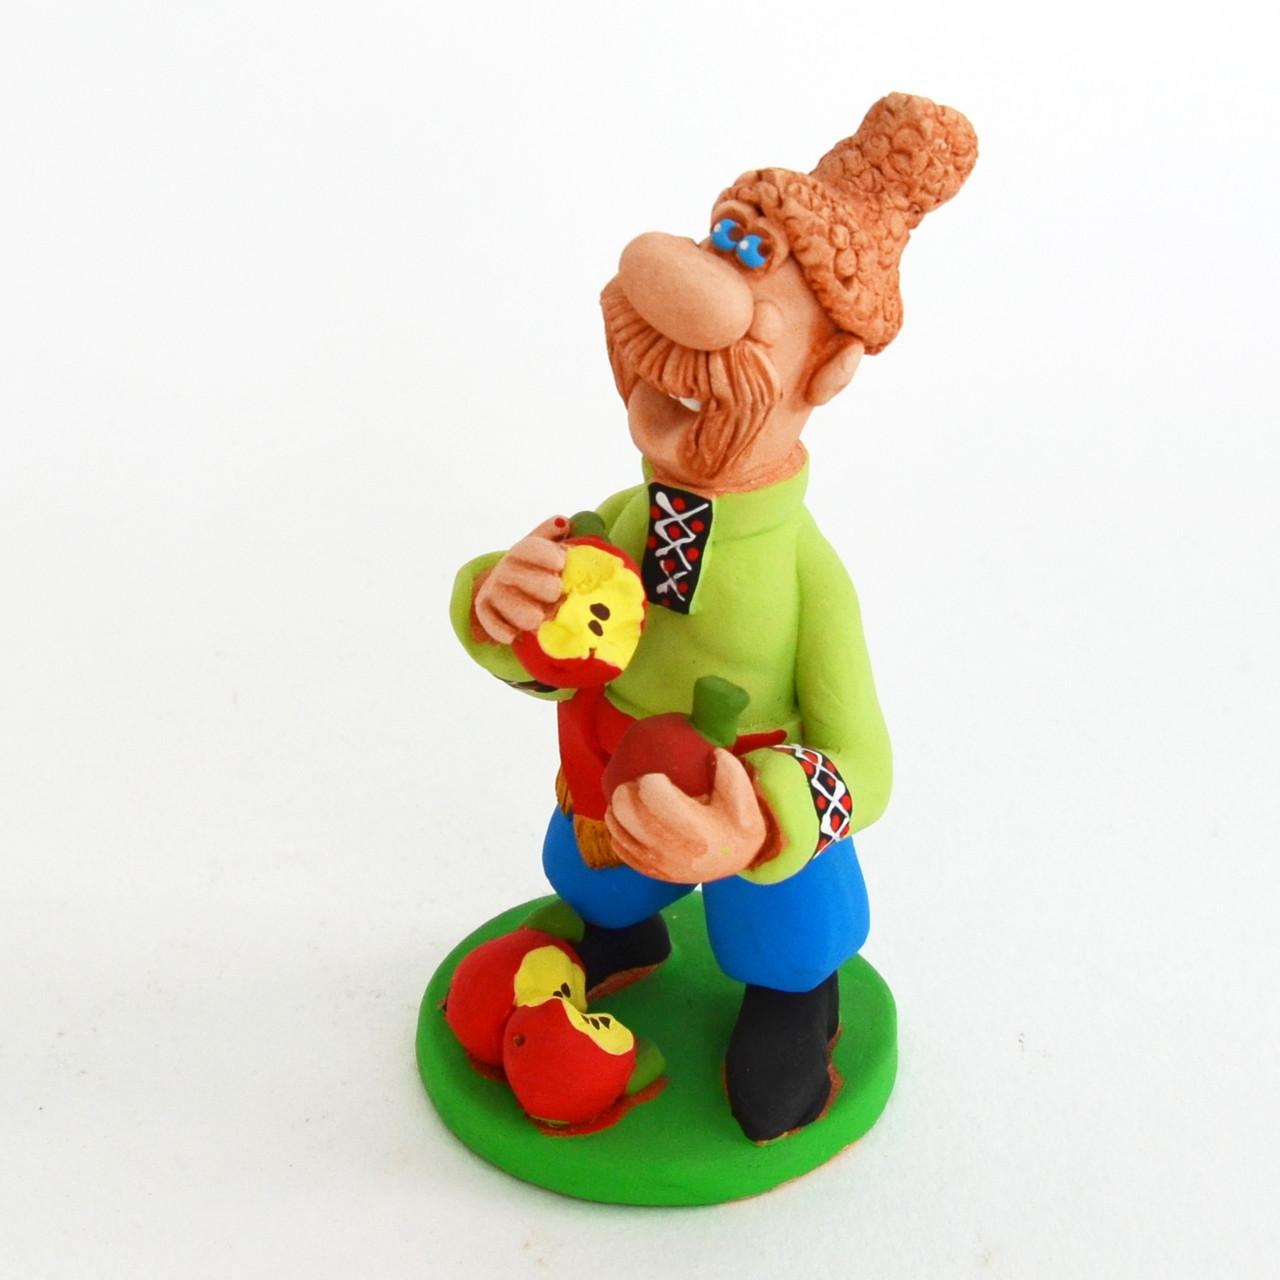 Глиняная статуэтка. Казак надкусывает яблоки. Украинский сувенир, фото 1